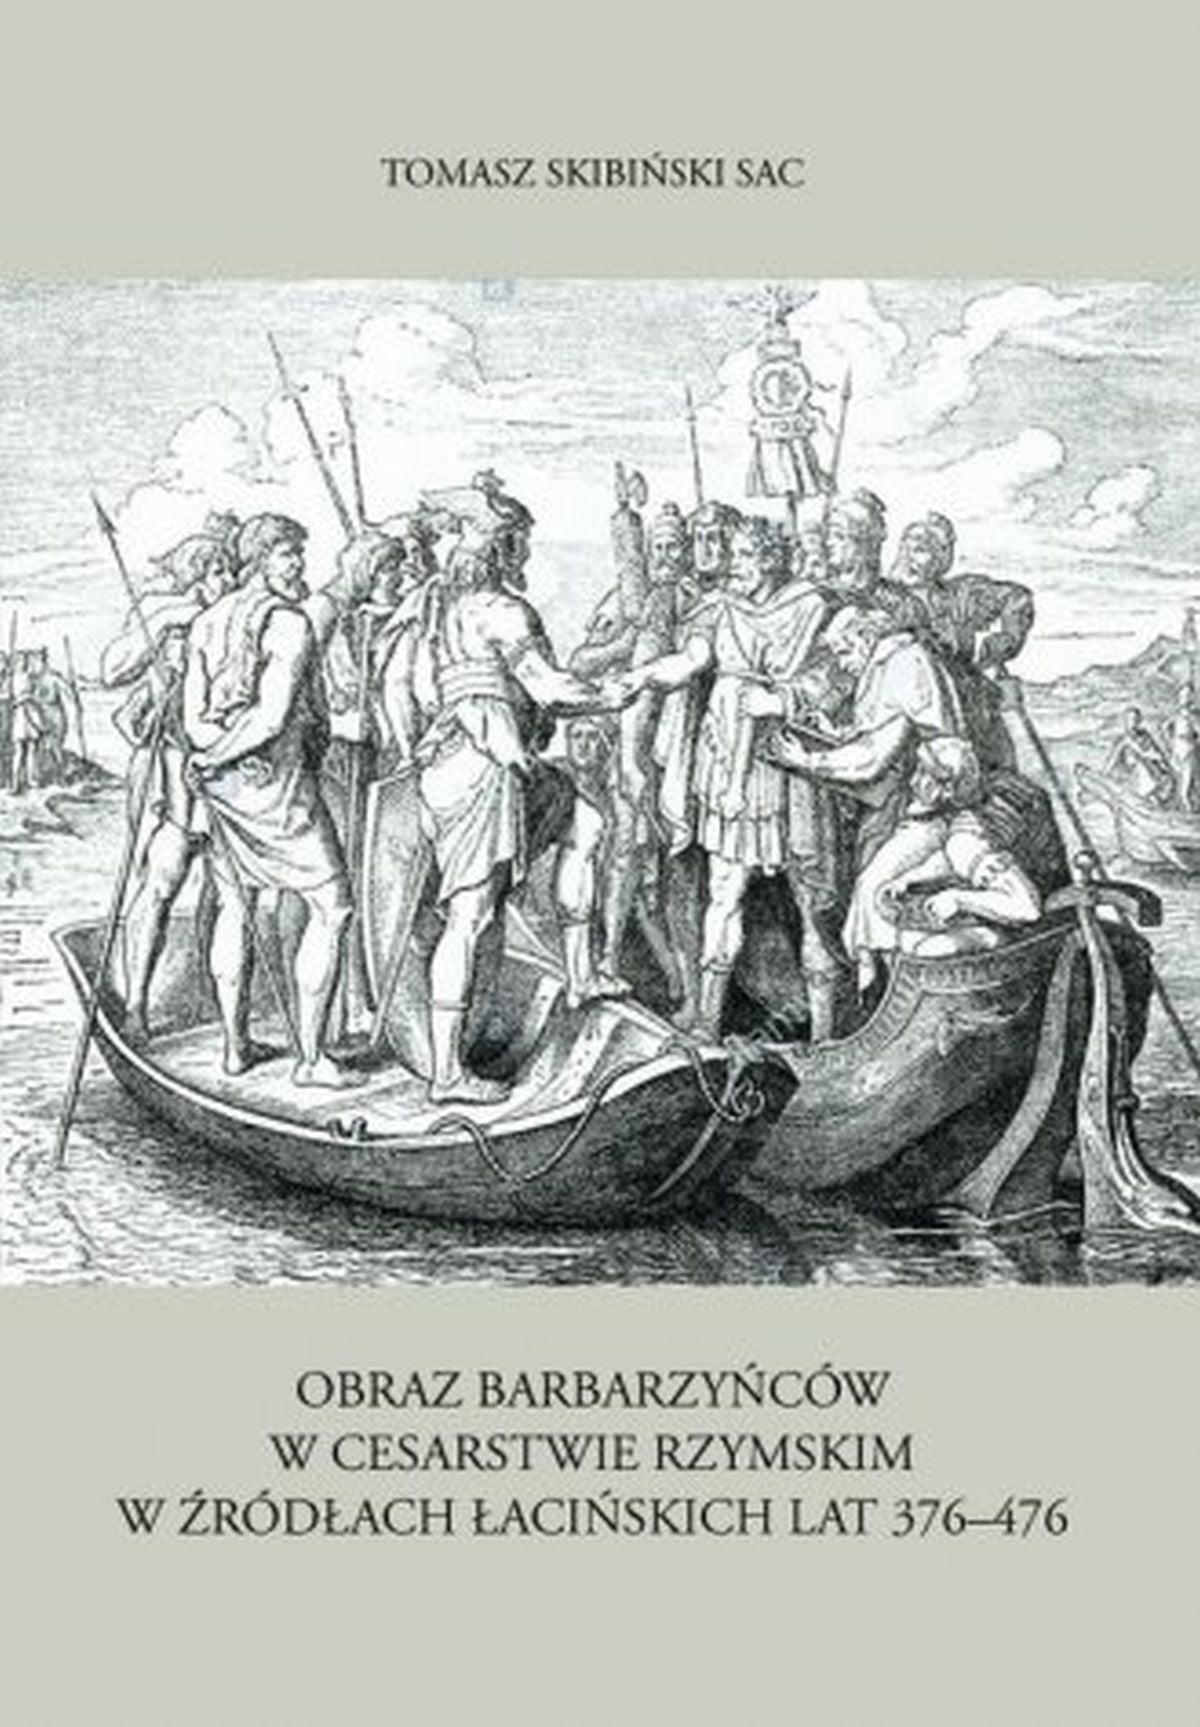 Obraz barbarzyńców w Cesarstwie Rzymskim w źródłach łacińskich lat 376-476